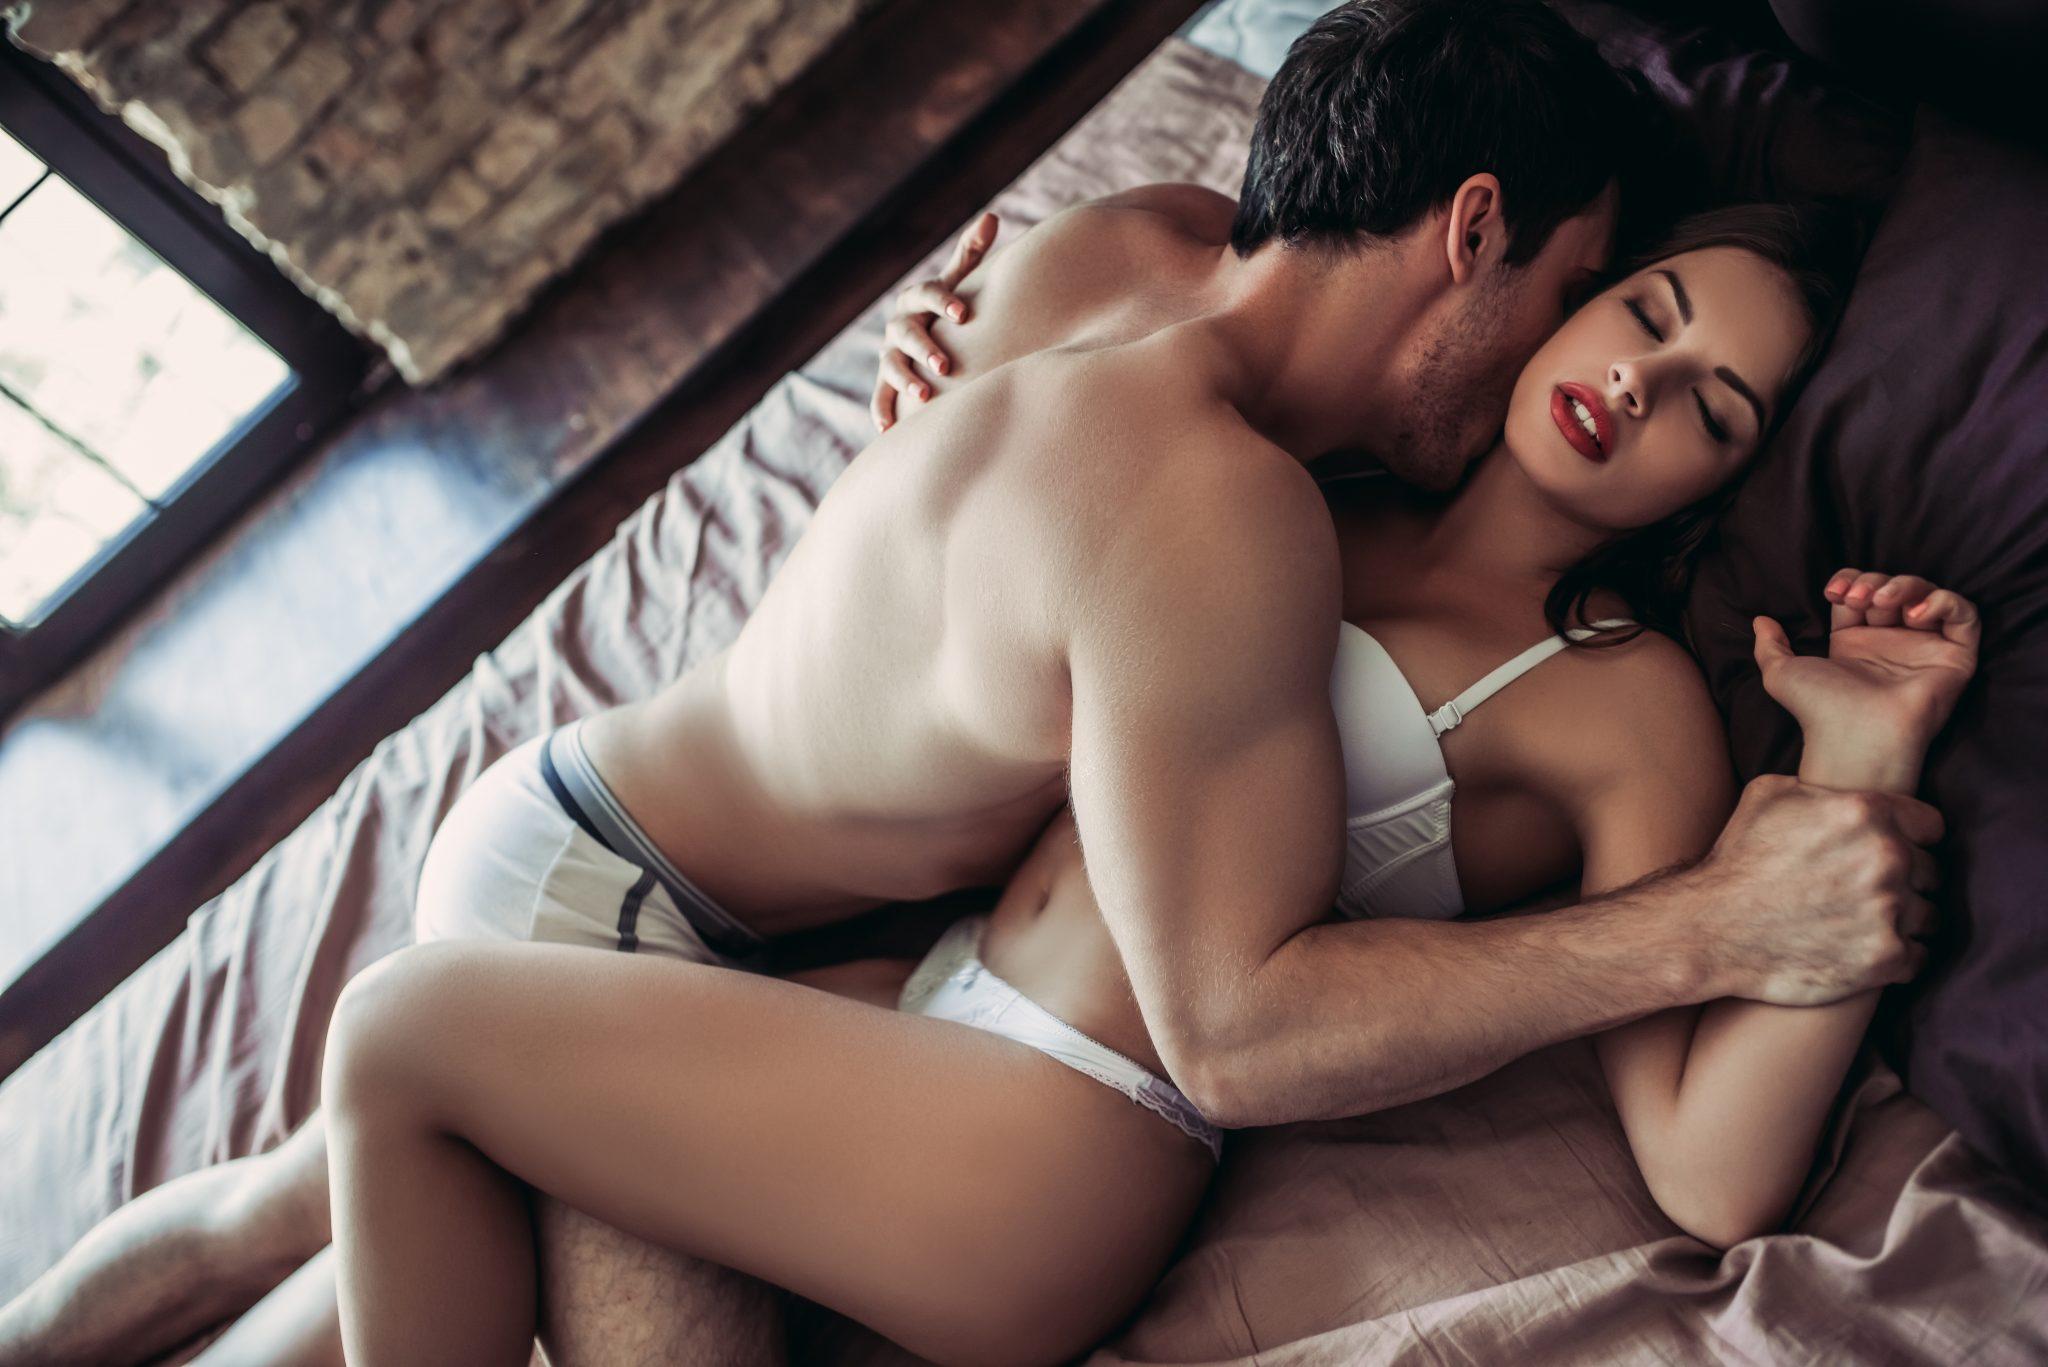 Seks zabawki wsypialni dla obojga partnerów